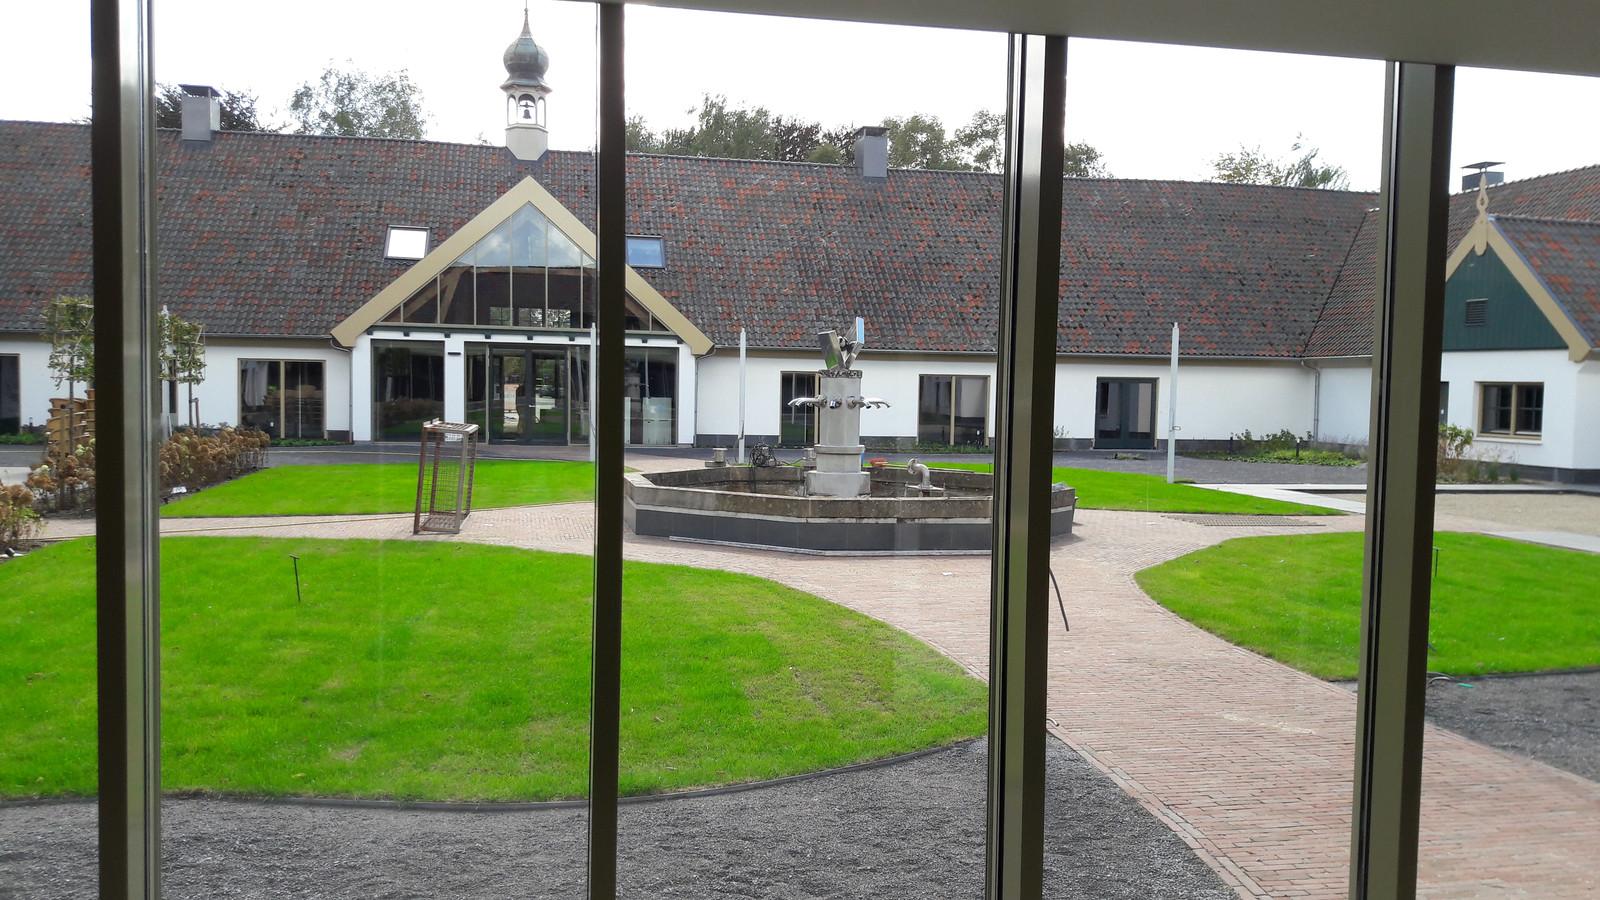 Een deel van de binnentuin van De Voorste Venne in Drunen.